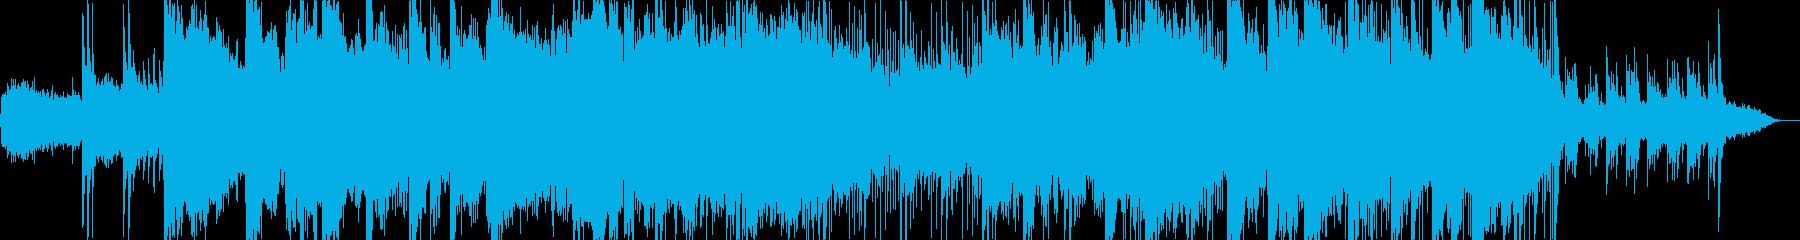 神秘的な和風サウンドの再生済みの波形